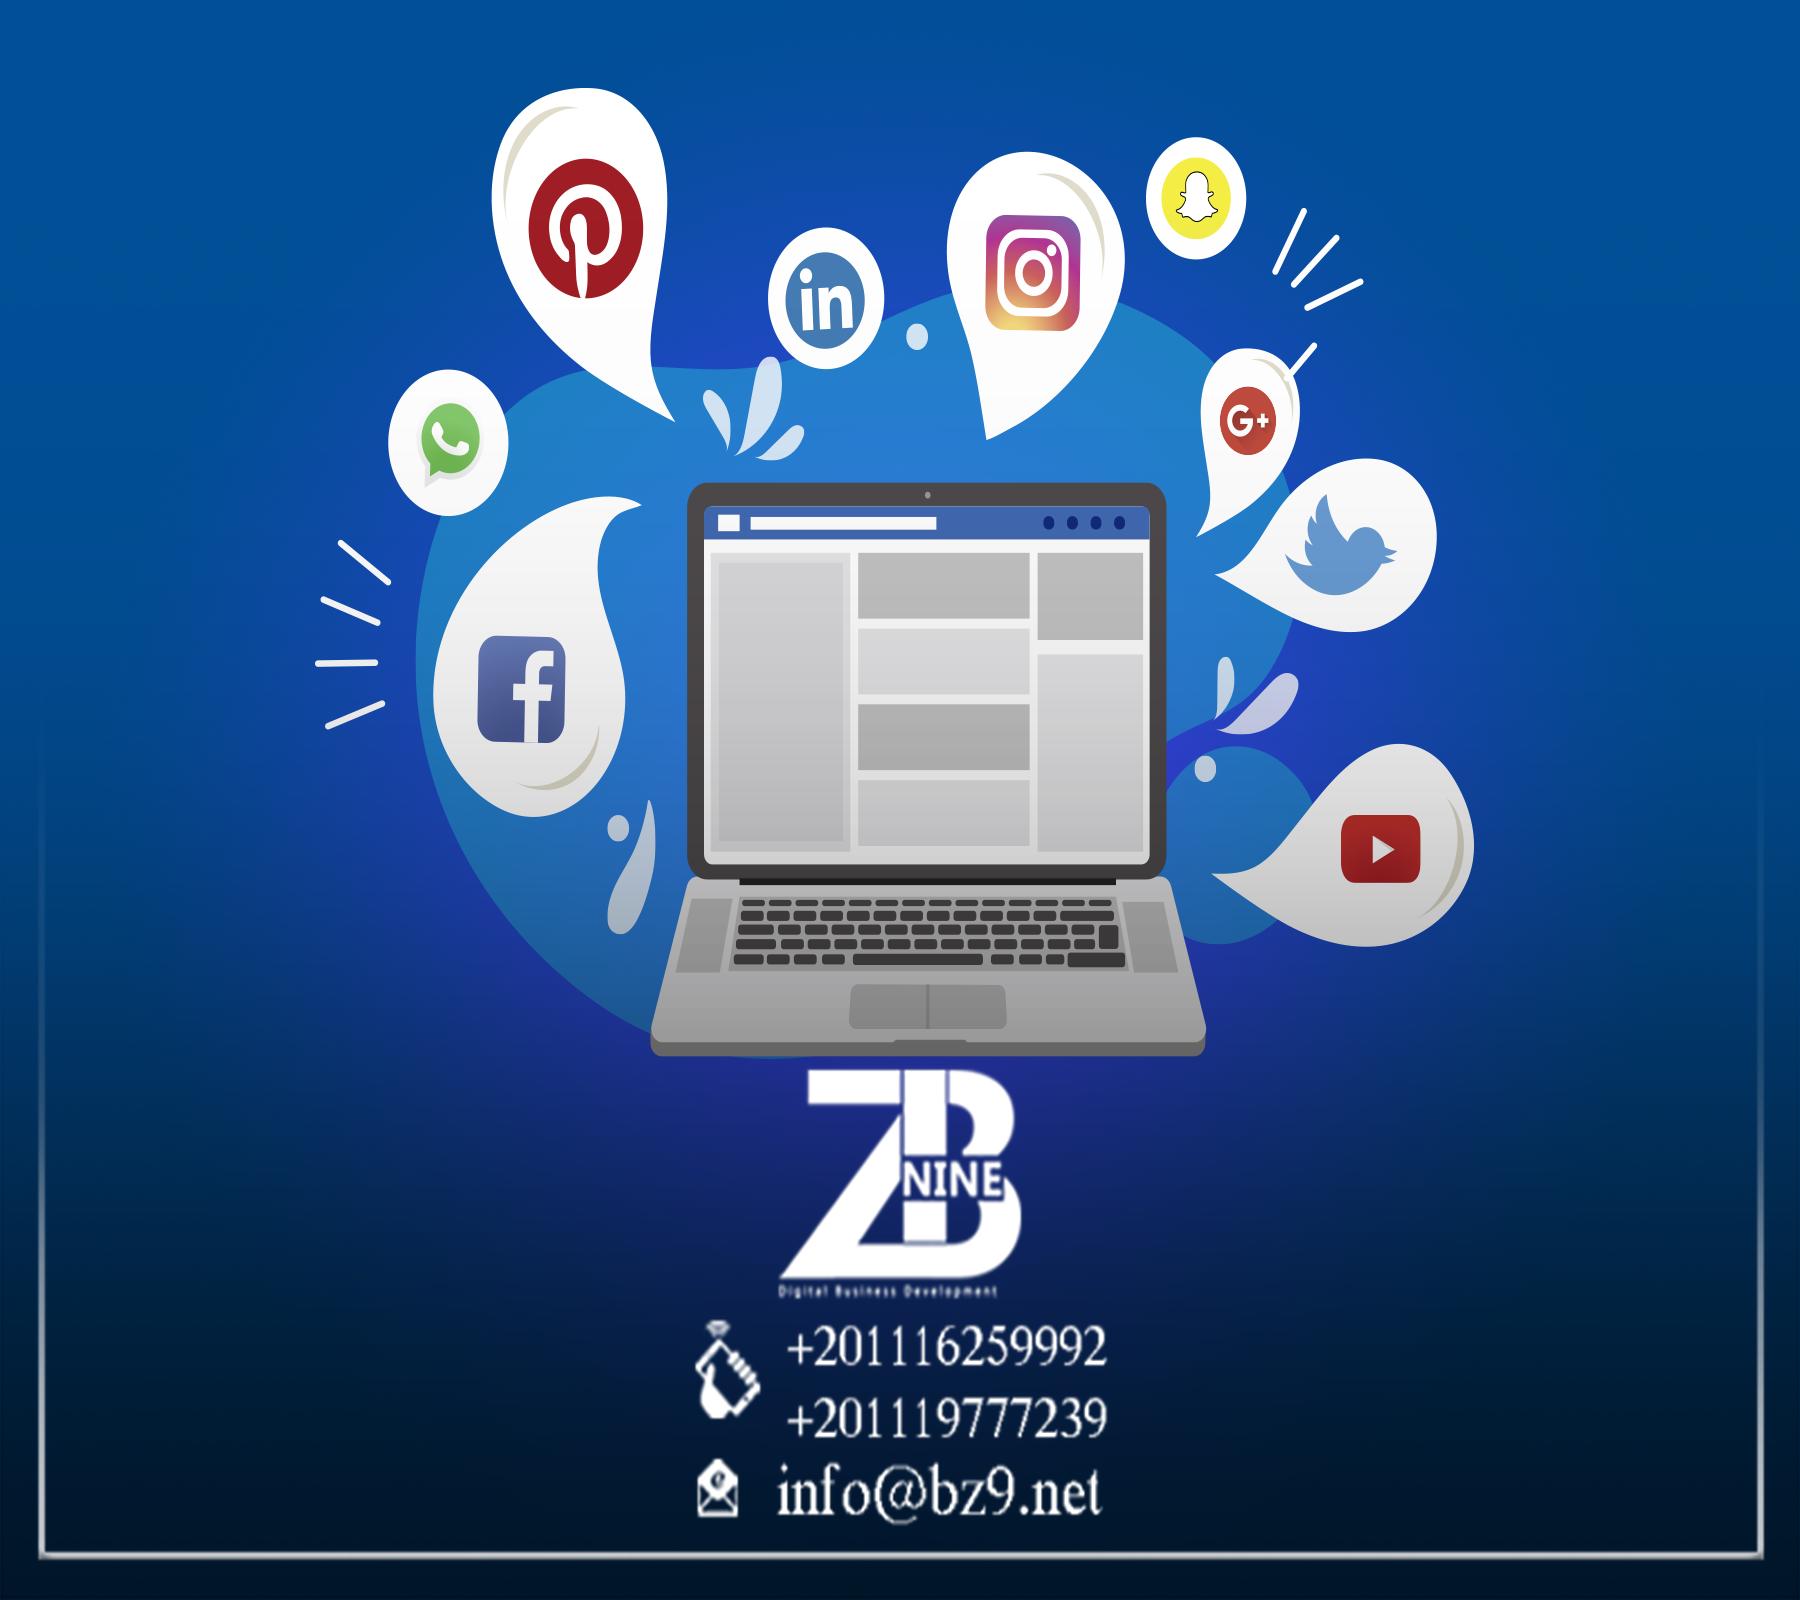 تطور السوشيال ميديا وتأثيرها على التسويق الإلكتروني لشركتك ومبيعاتك لمعرفة المزيد Electronic Products Electronics Info